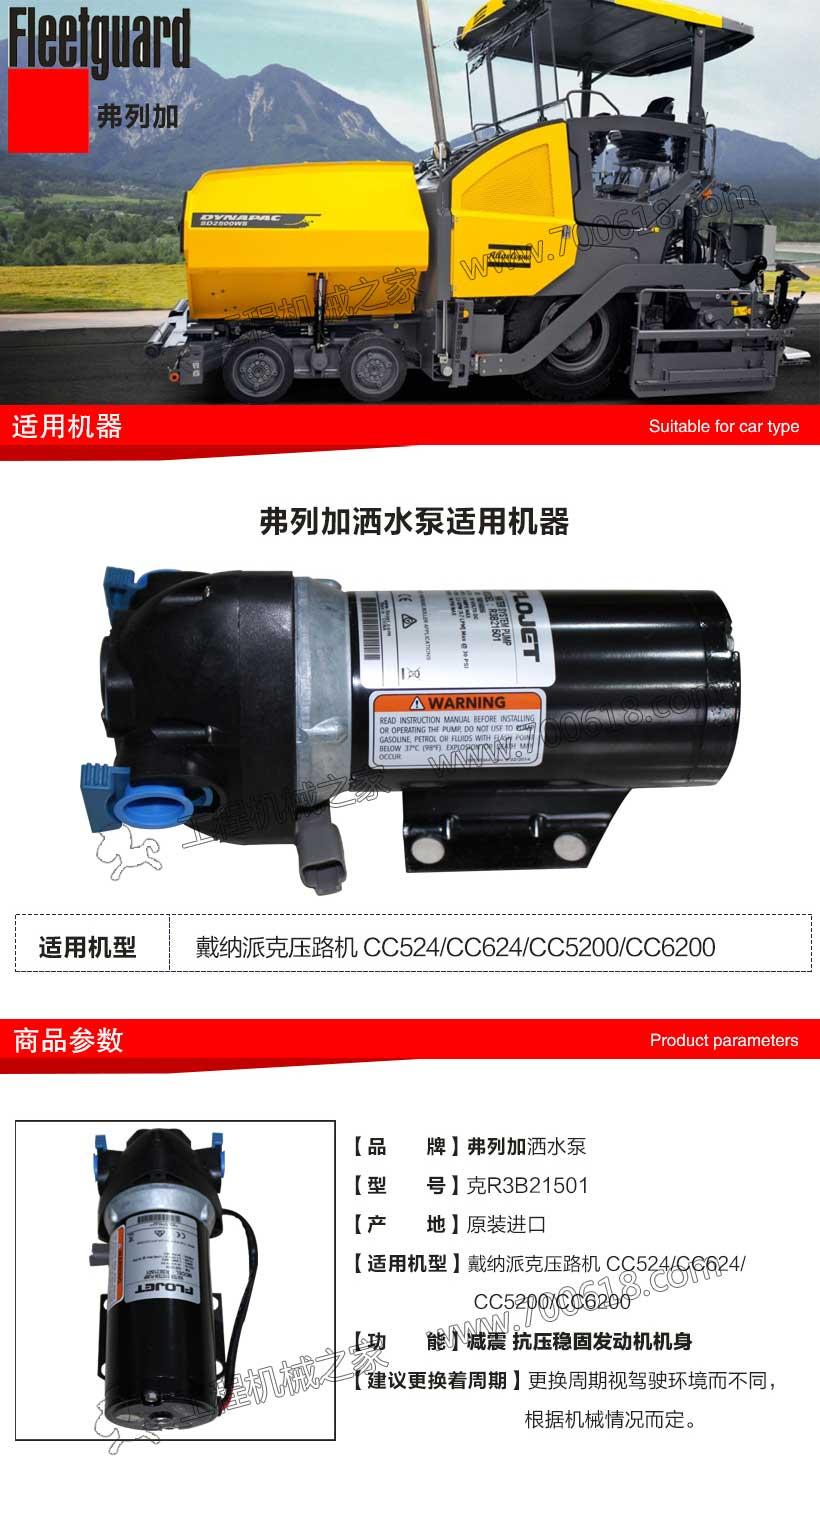 戴纳派克CC524 洒水泵